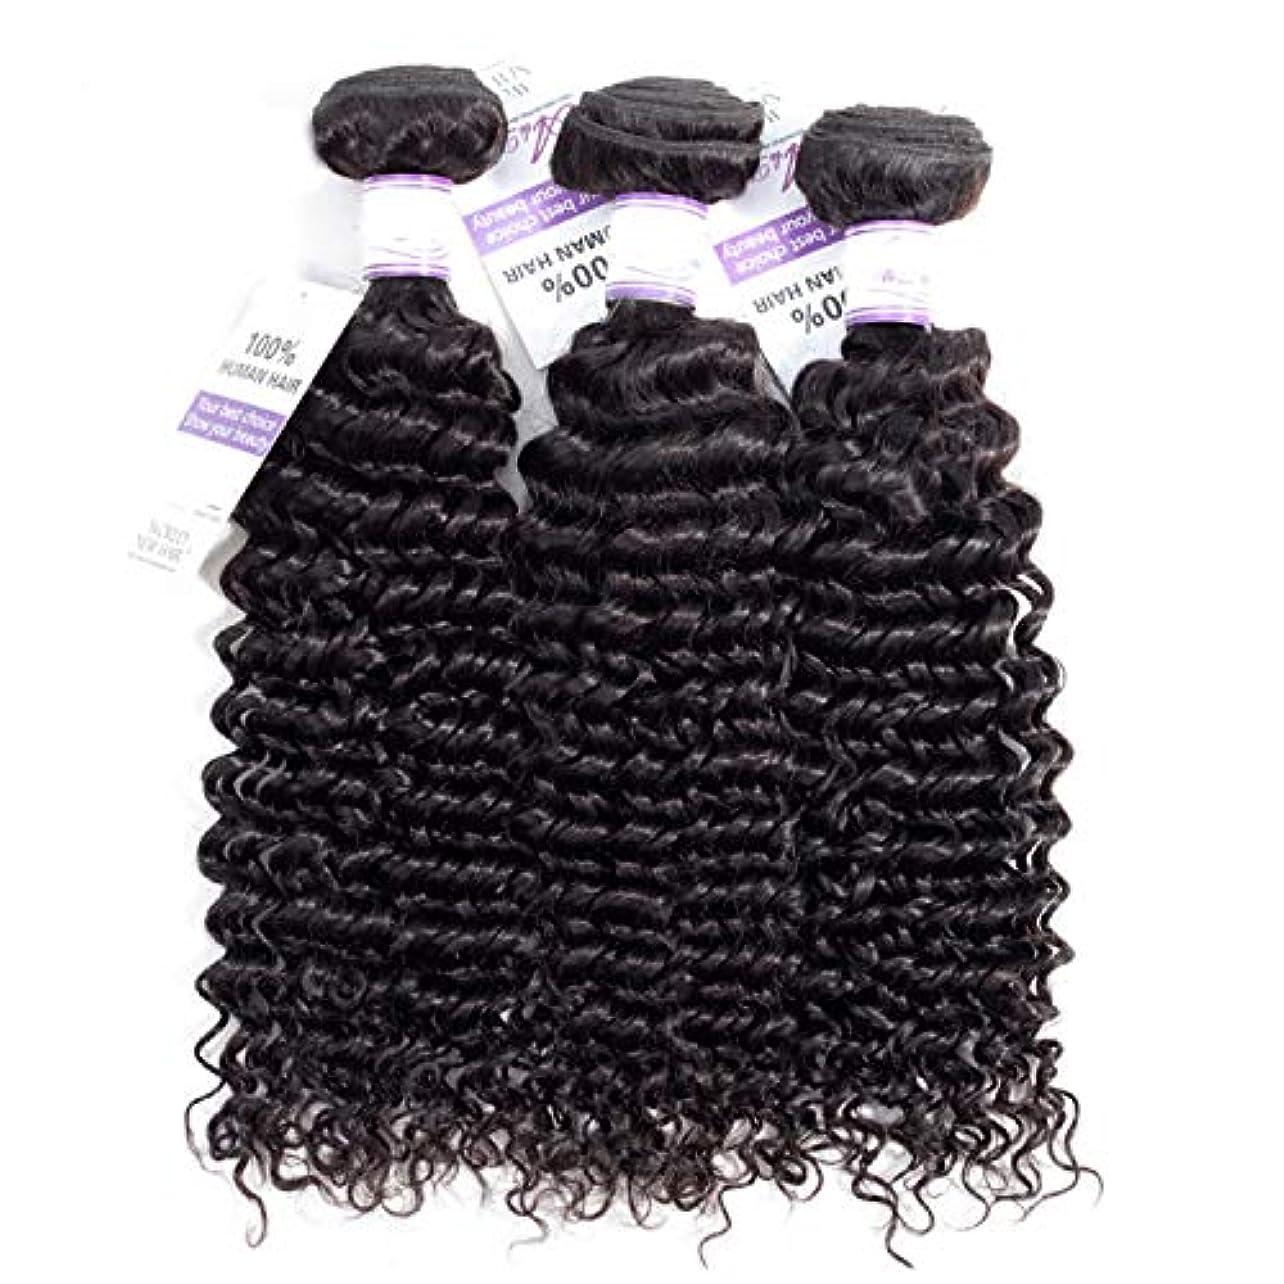 十分な資産起訴するブラジルのディープウェーブヘア織りバンドル100%人毛製織ナチュラルカラー非レミー髪は3個購入することができます (Stretched Length : 16 16 16 inches)